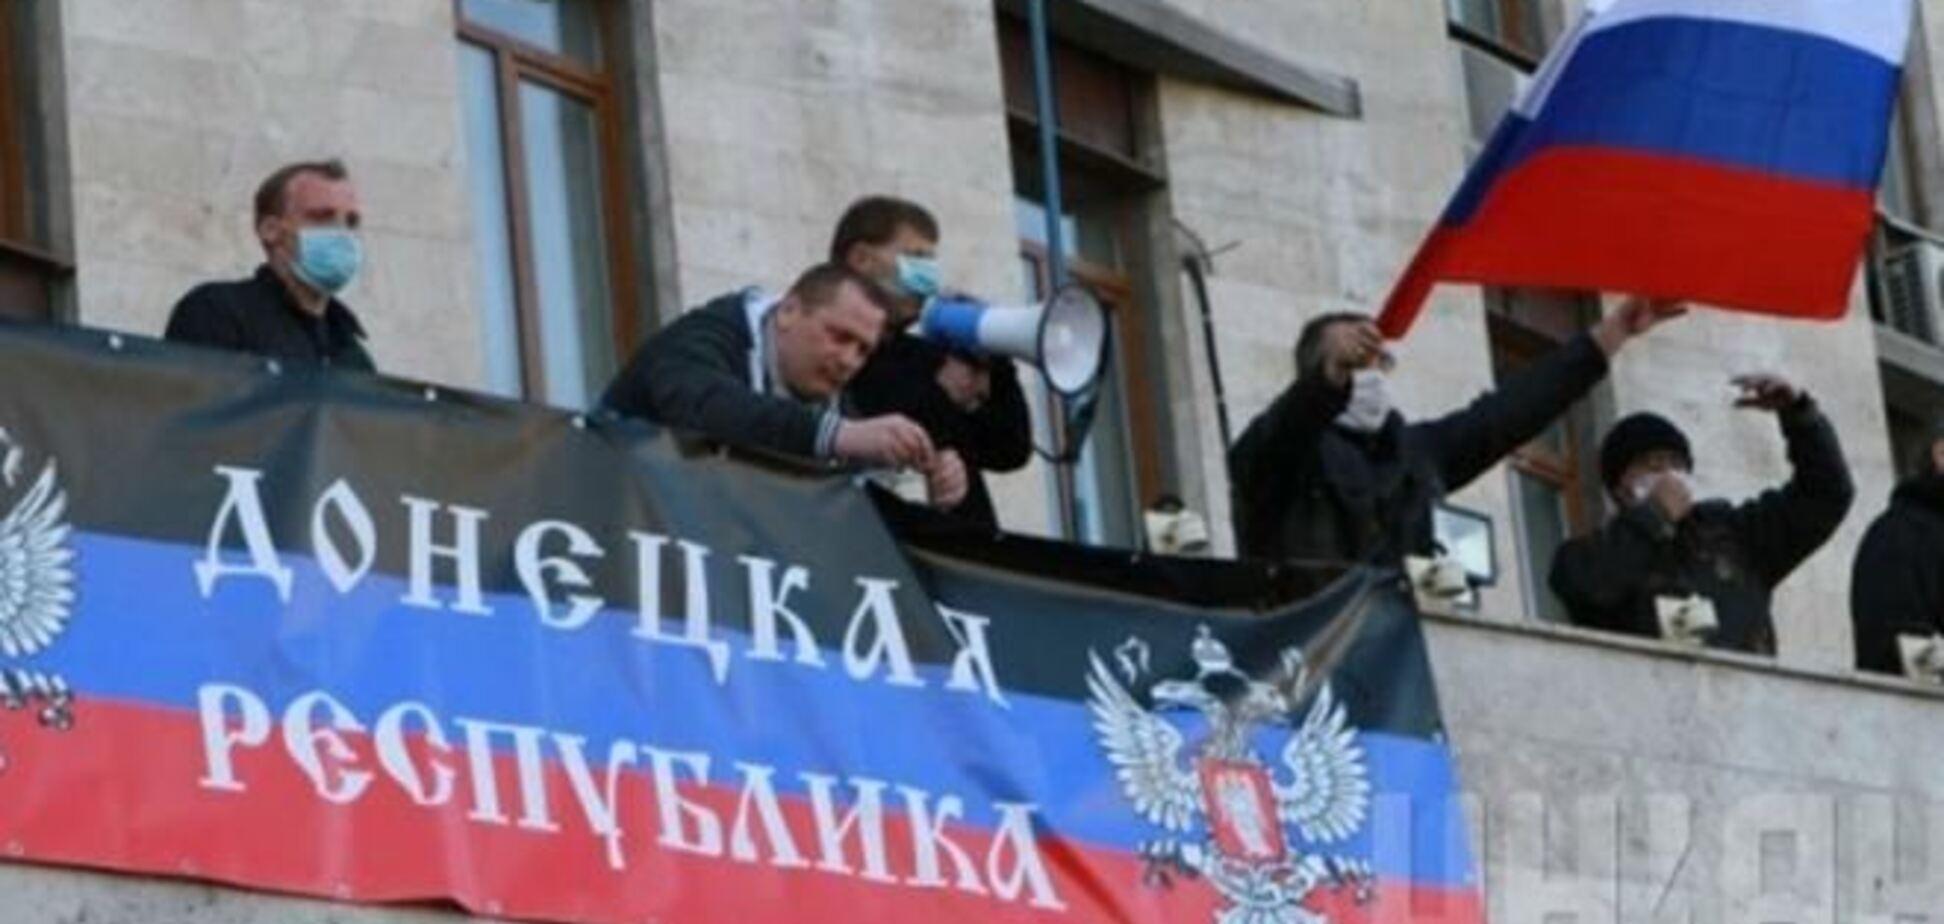 Донецкая прокуратура признала наличие терроризма в области